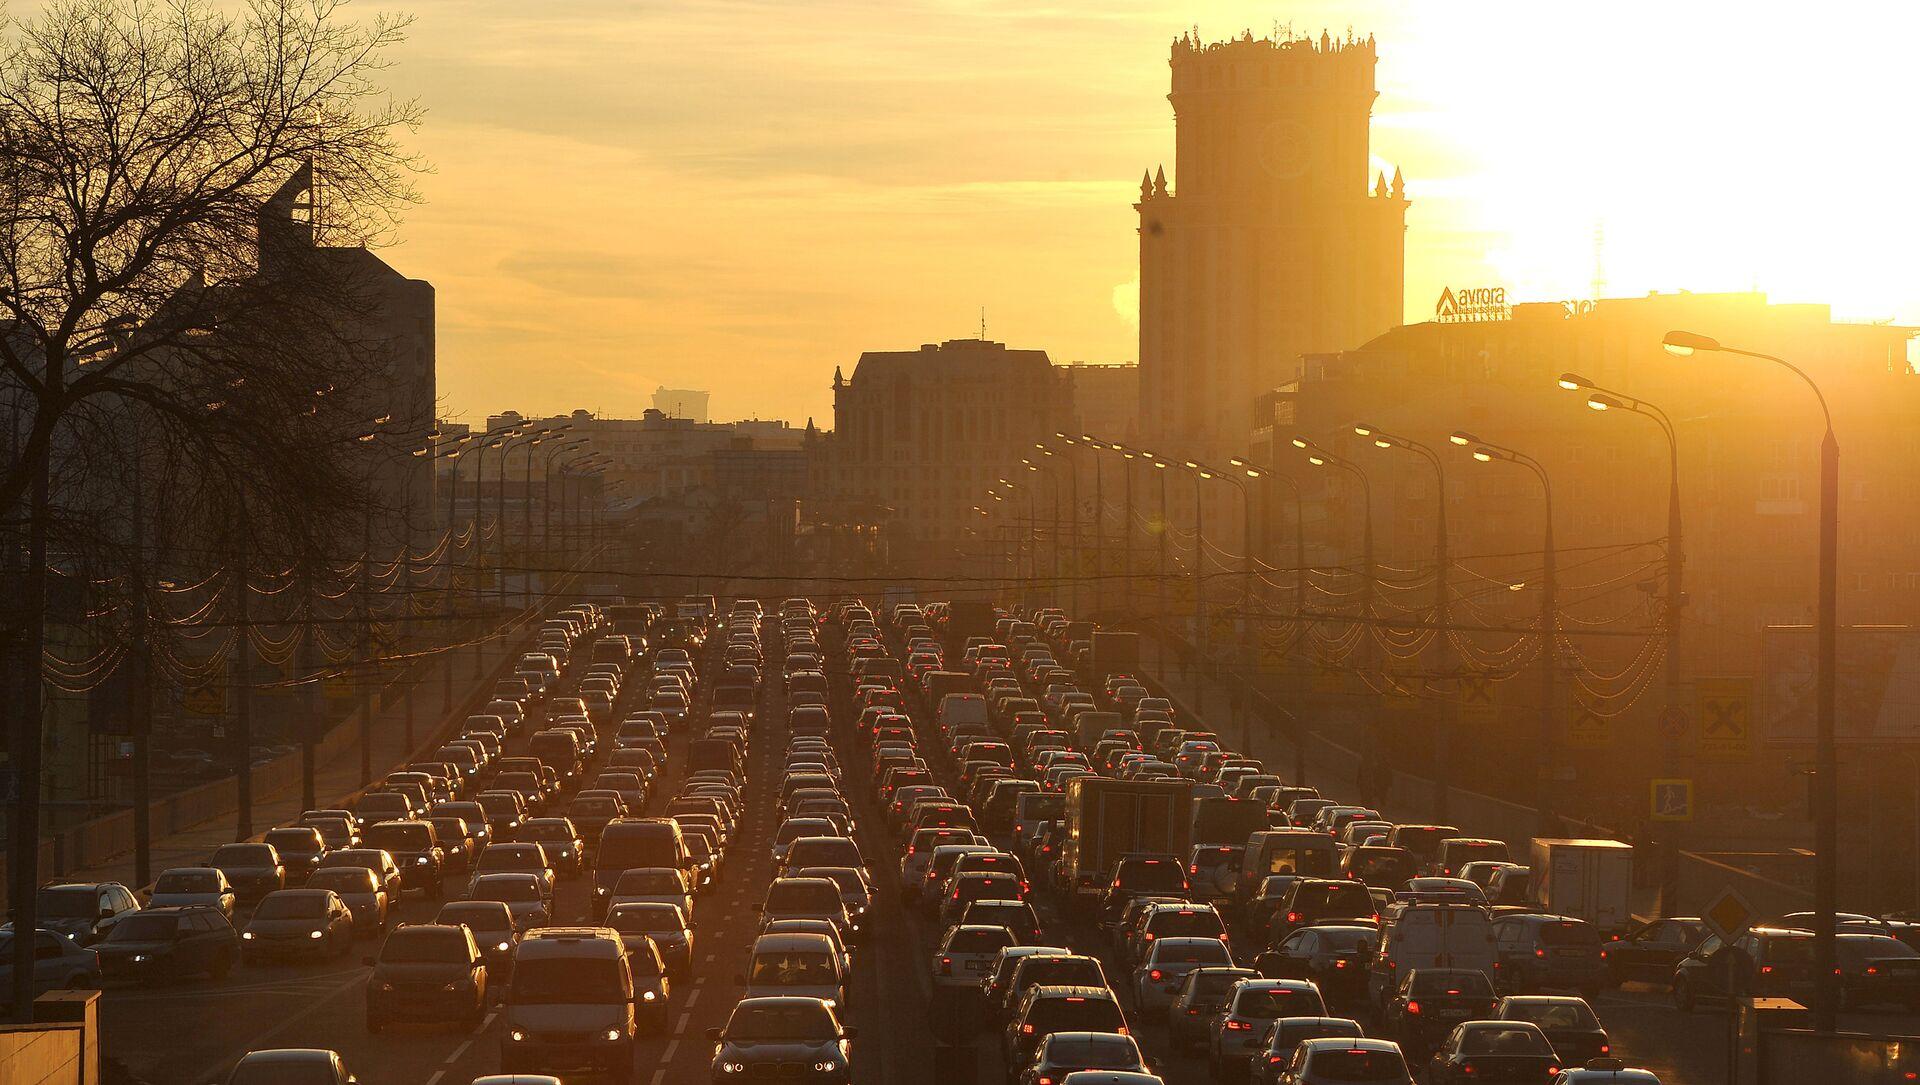 モスクワ、大渋滞 - Sputnik 日本, 1920, 22.05.2021